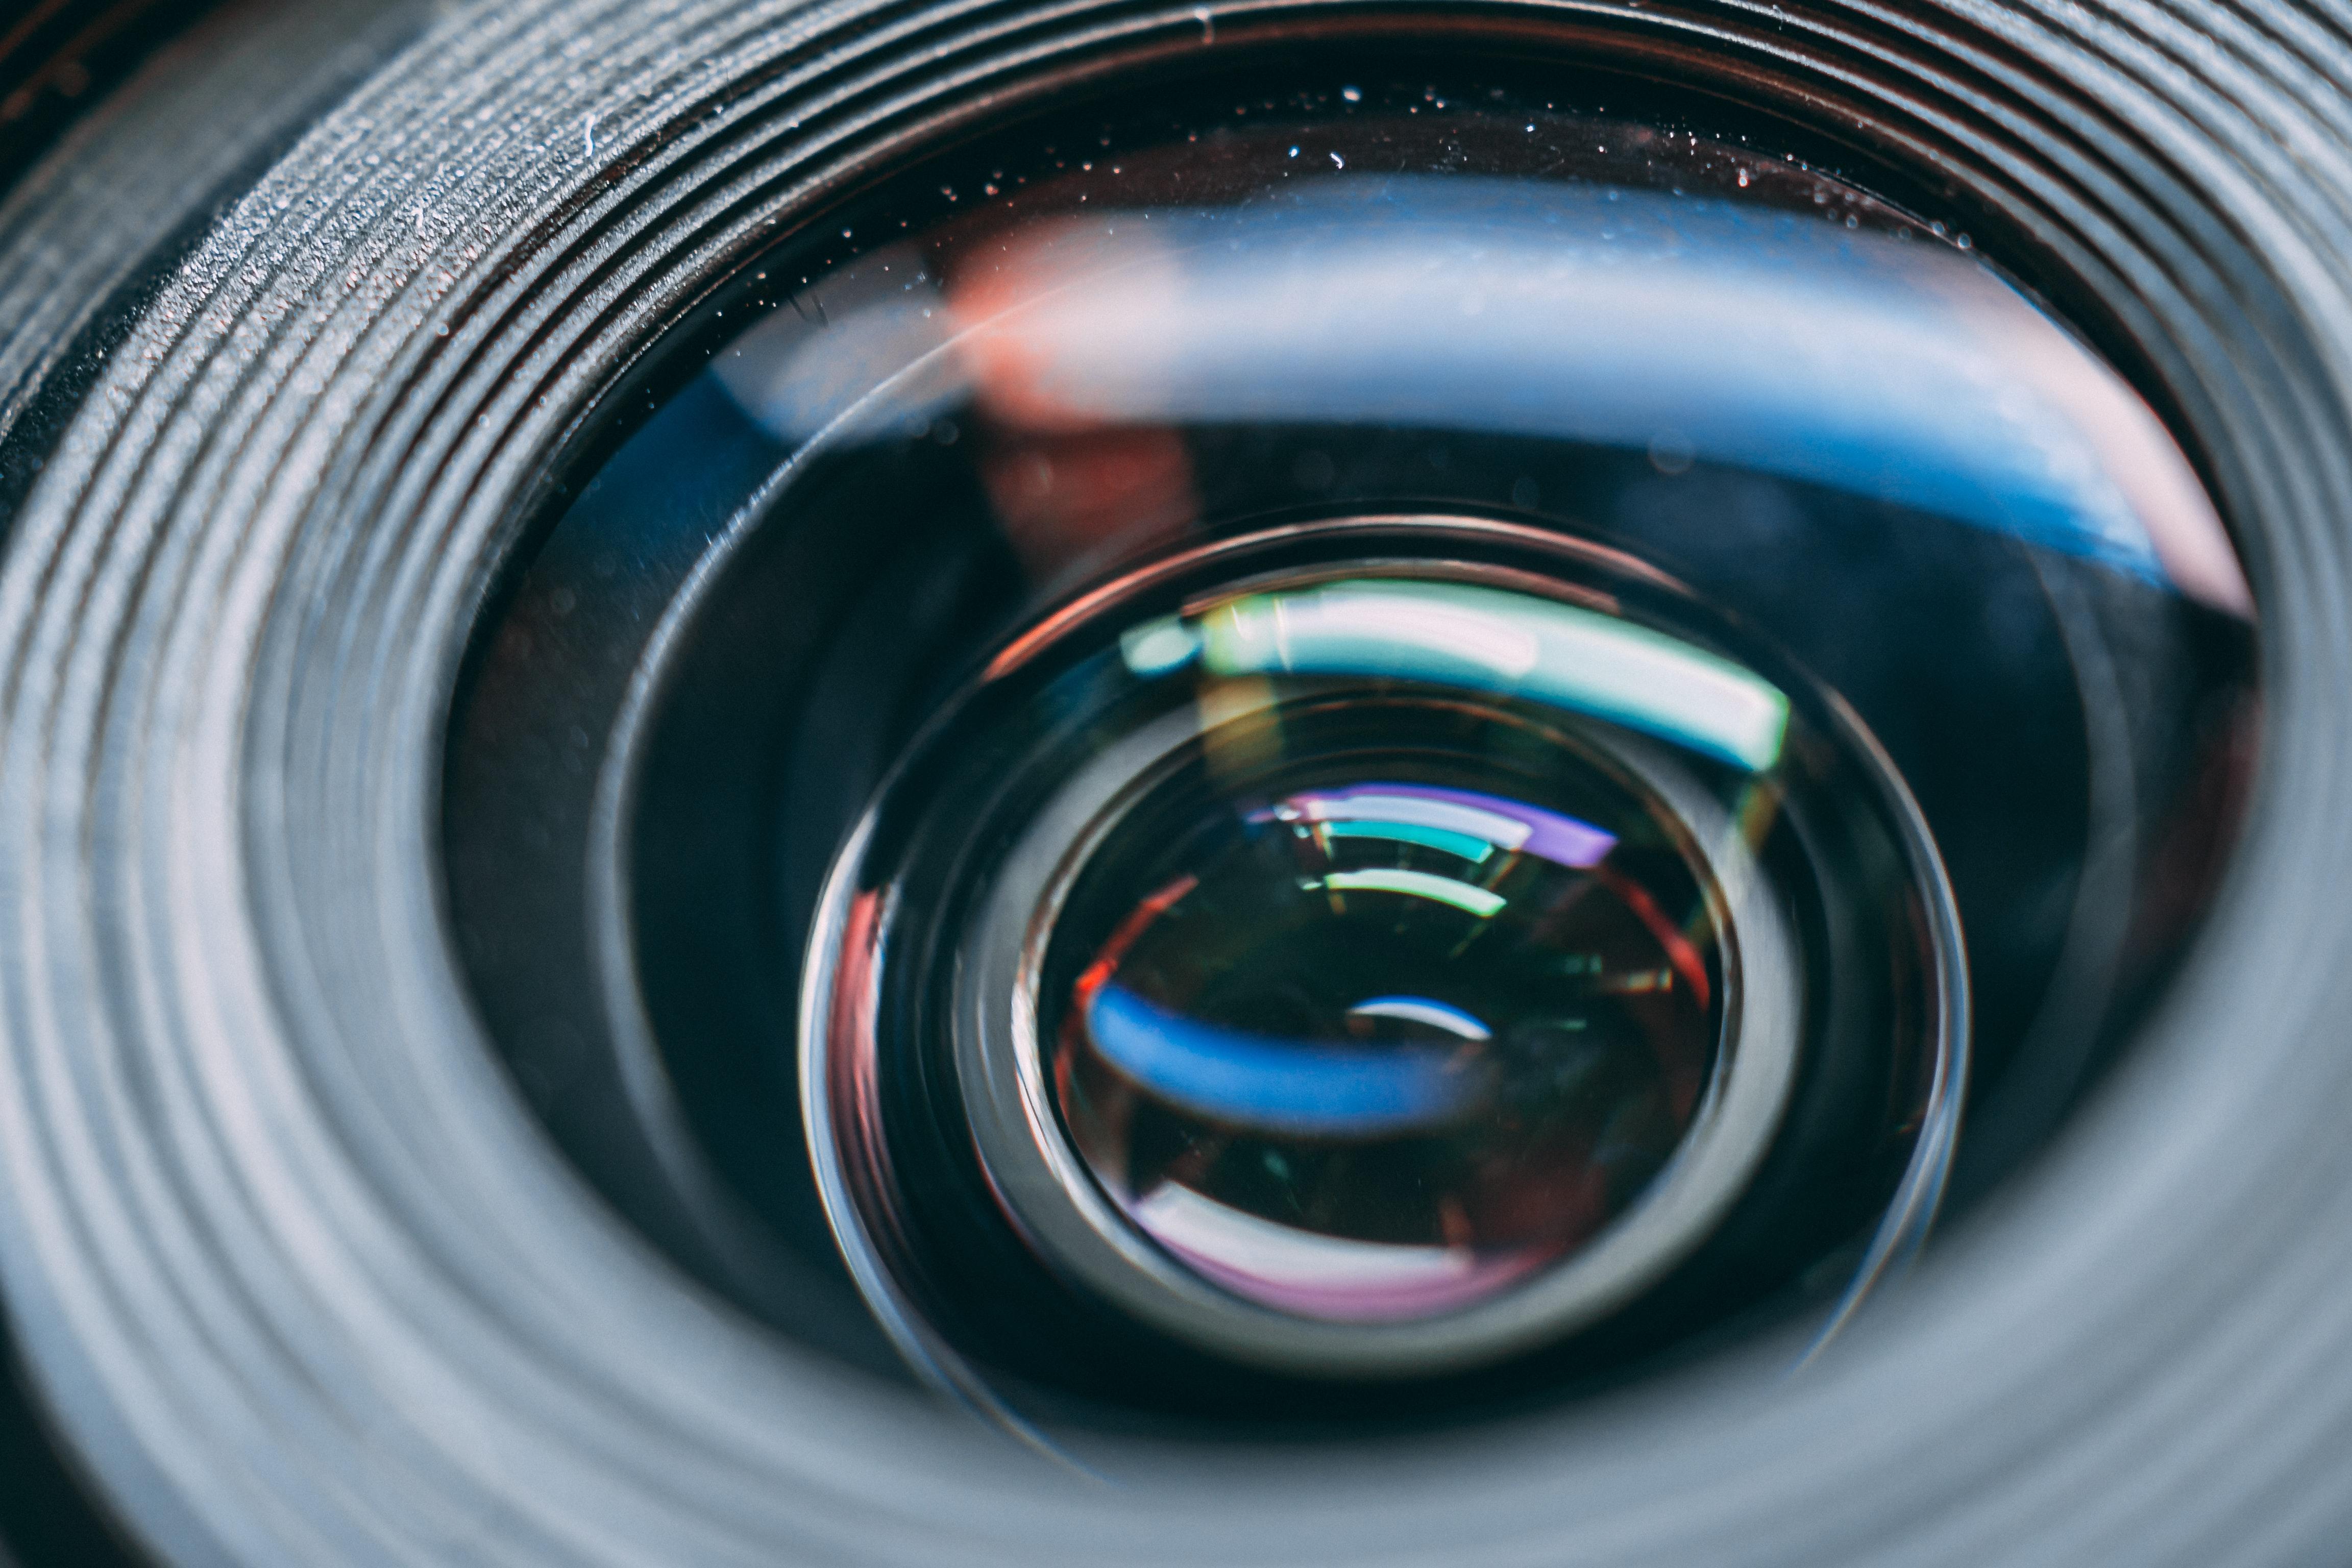 Up close shot of a camera lens.